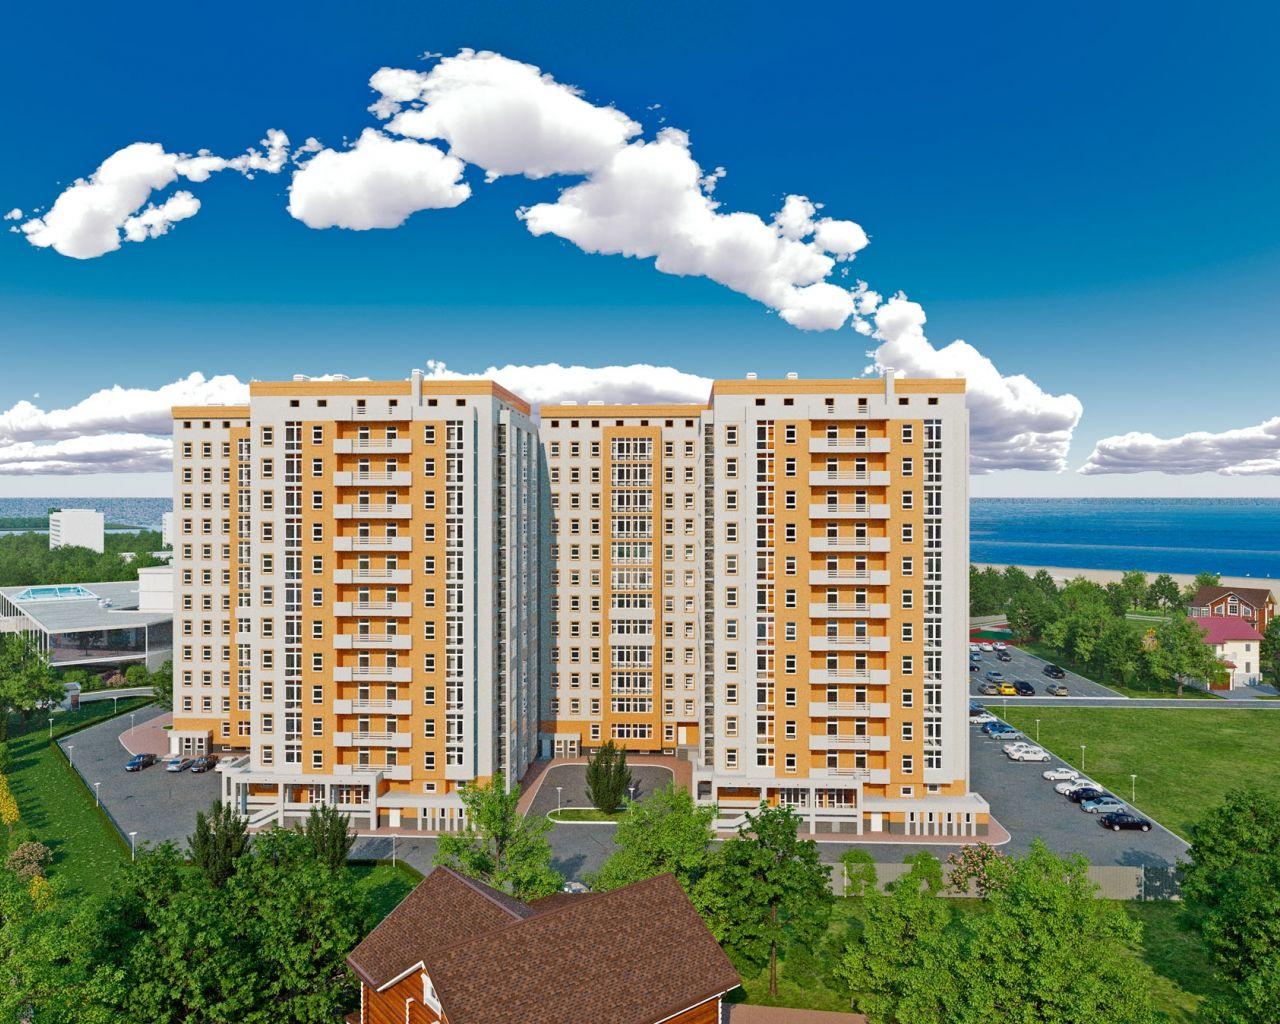 квартир многоэтажных купить квартиру в джемете новостройки масса очень боятся